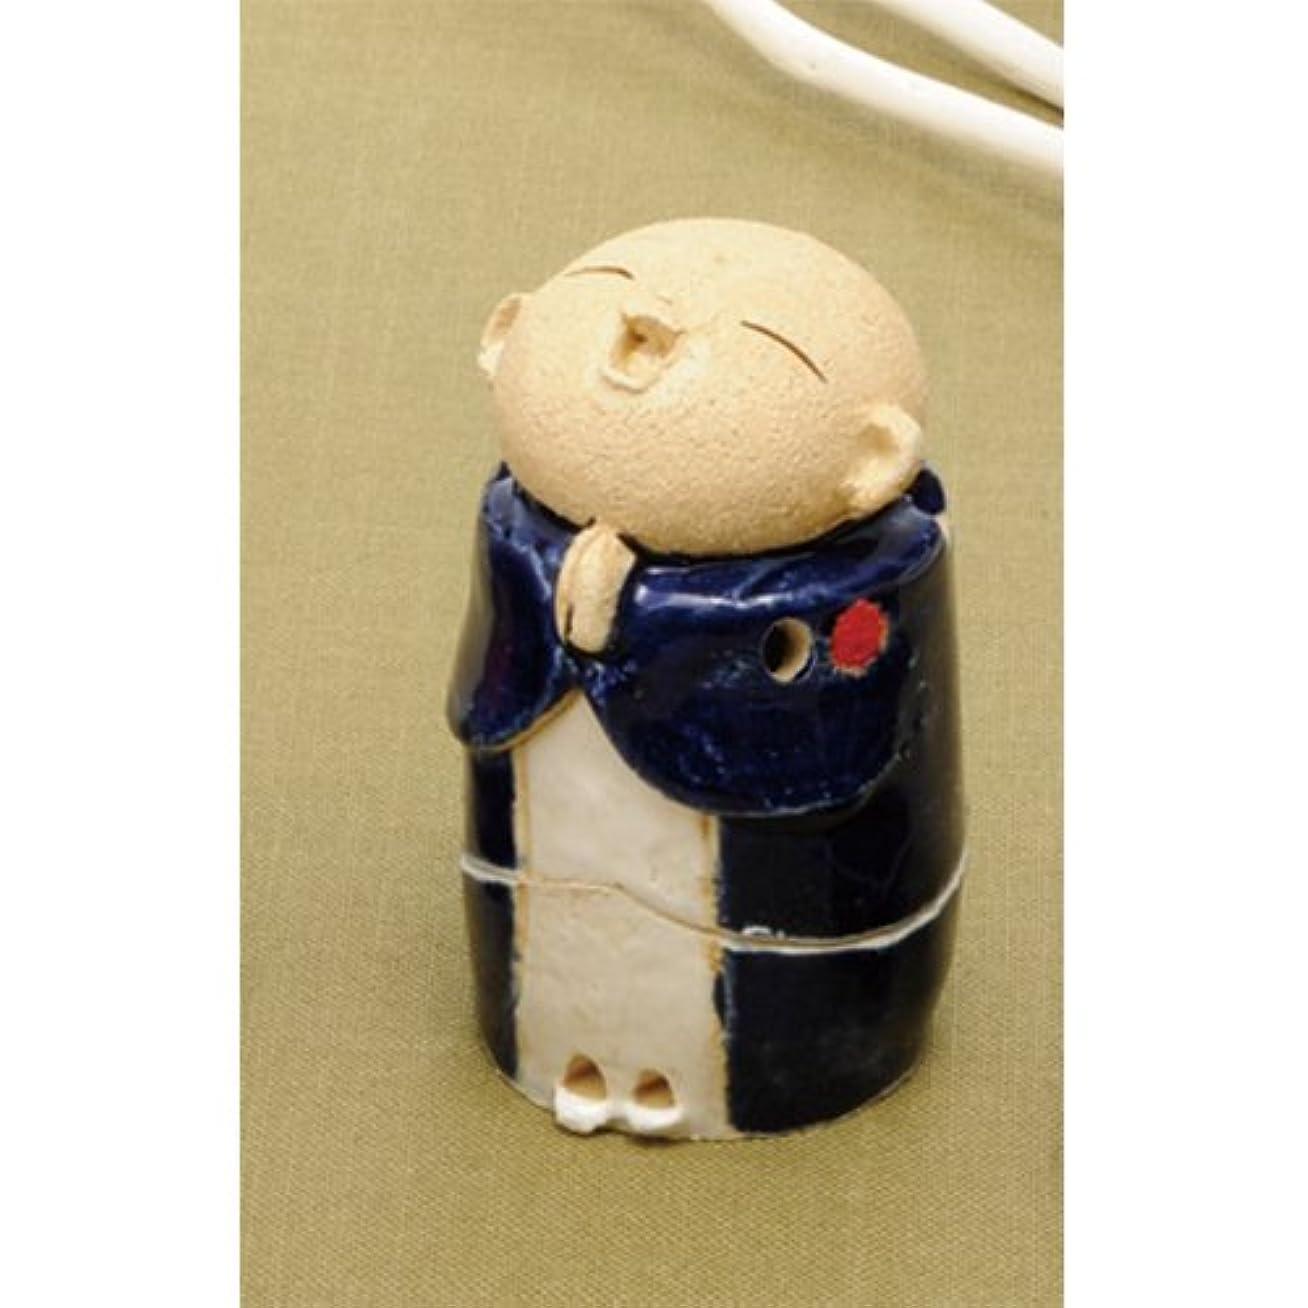 家主販売員祈るお地蔵様 香炉シリーズ 青 お地蔵様 香炉 2.8寸 [H8.5cm] HANDMADE プレゼント ギフト 和食器 かわいい インテリア